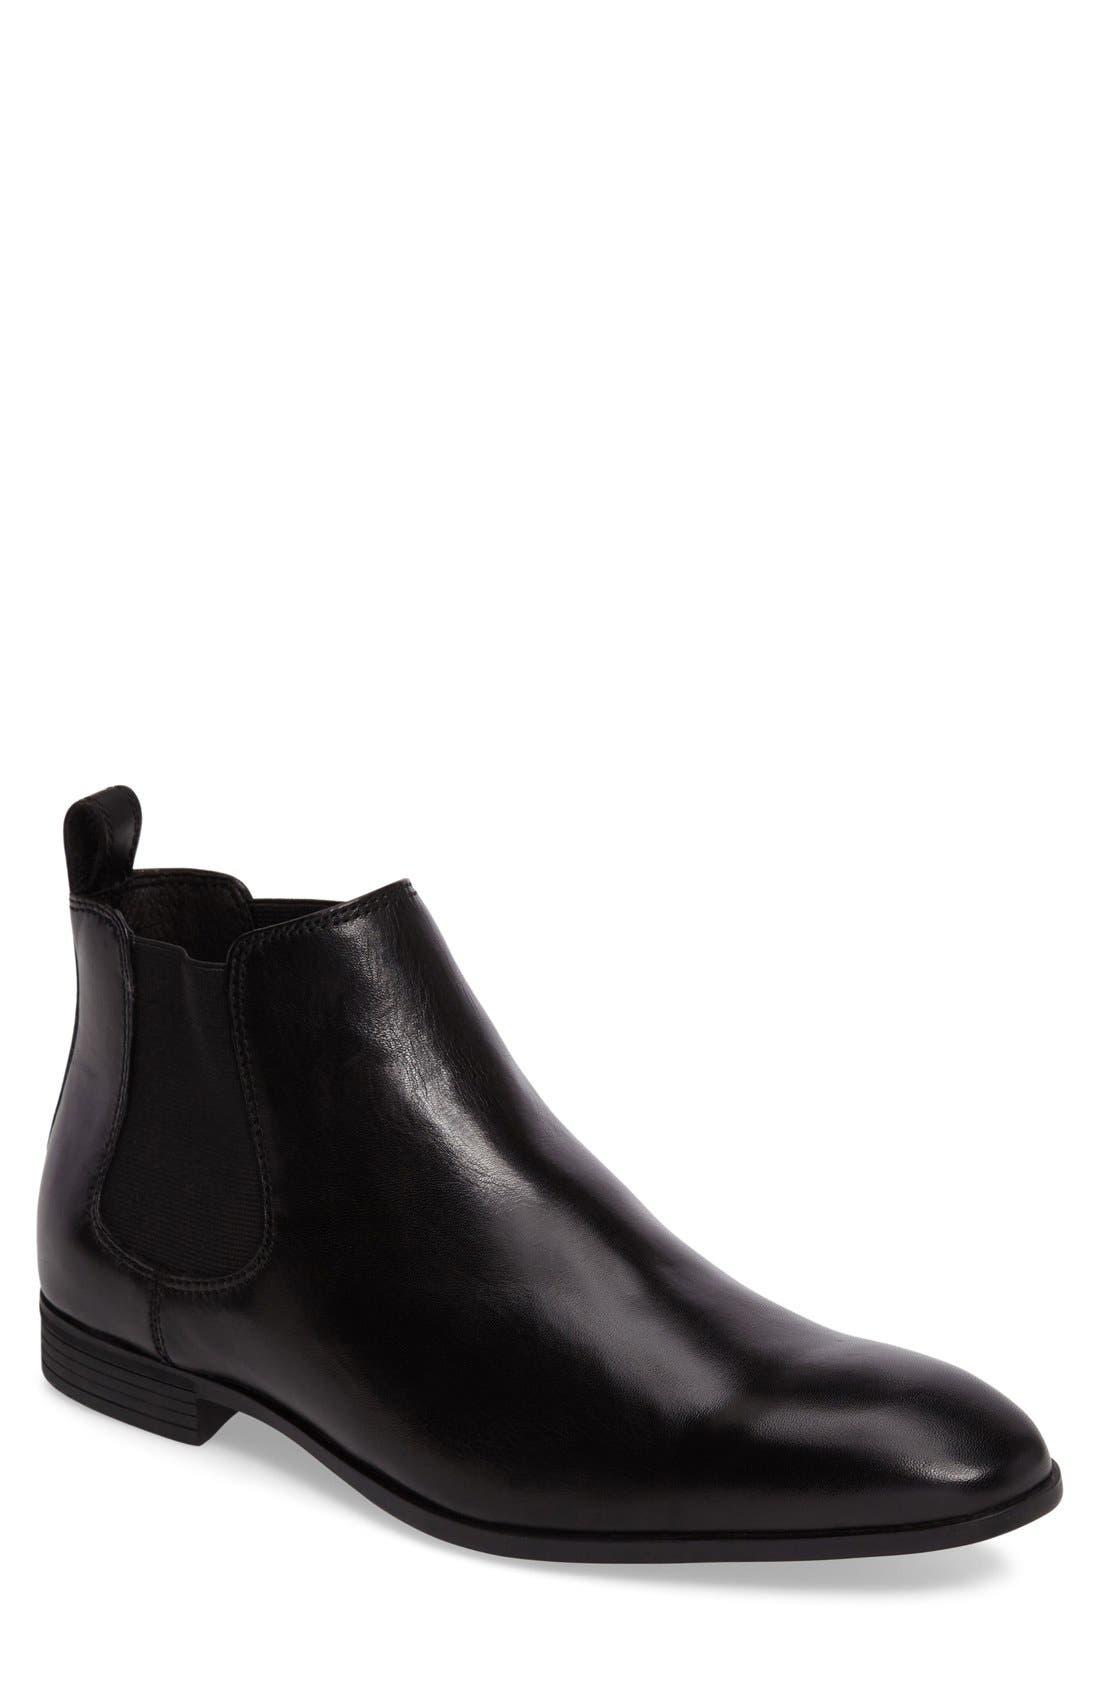 Main Image - Calibrate 'Huntley' Chelsea Boot (Men)